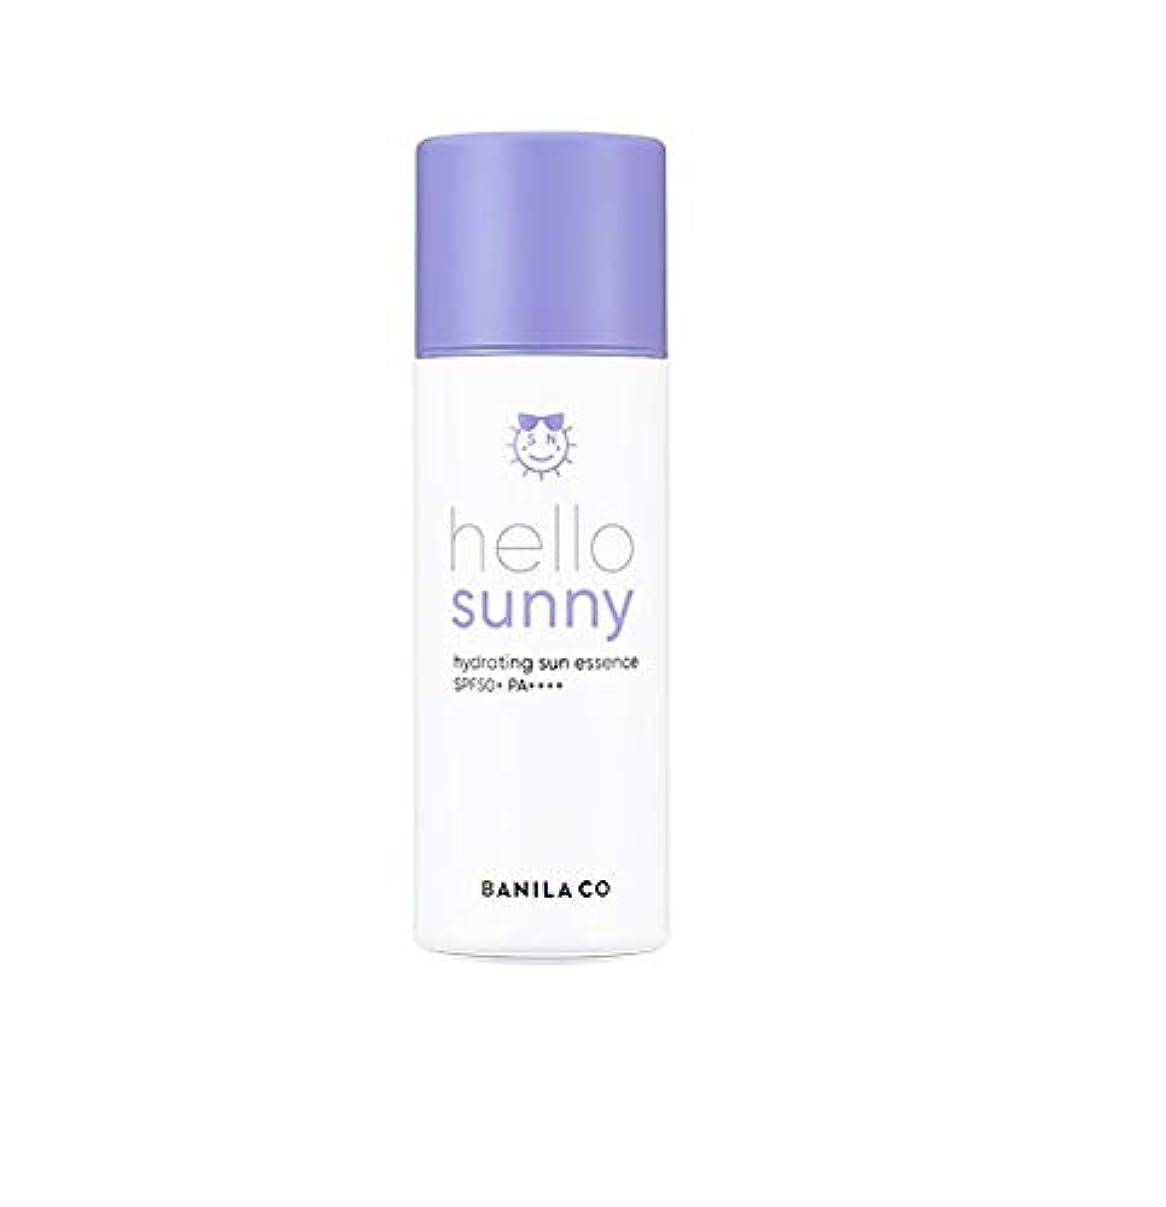 ビルマくそー率直なbanilaco こんにちはサニーハイドレイティングエッセンスサンブロックSPF50 + PA ++++ / Hello Sunny Hydrating Essence Sunblock SPF50 + PA ++++...